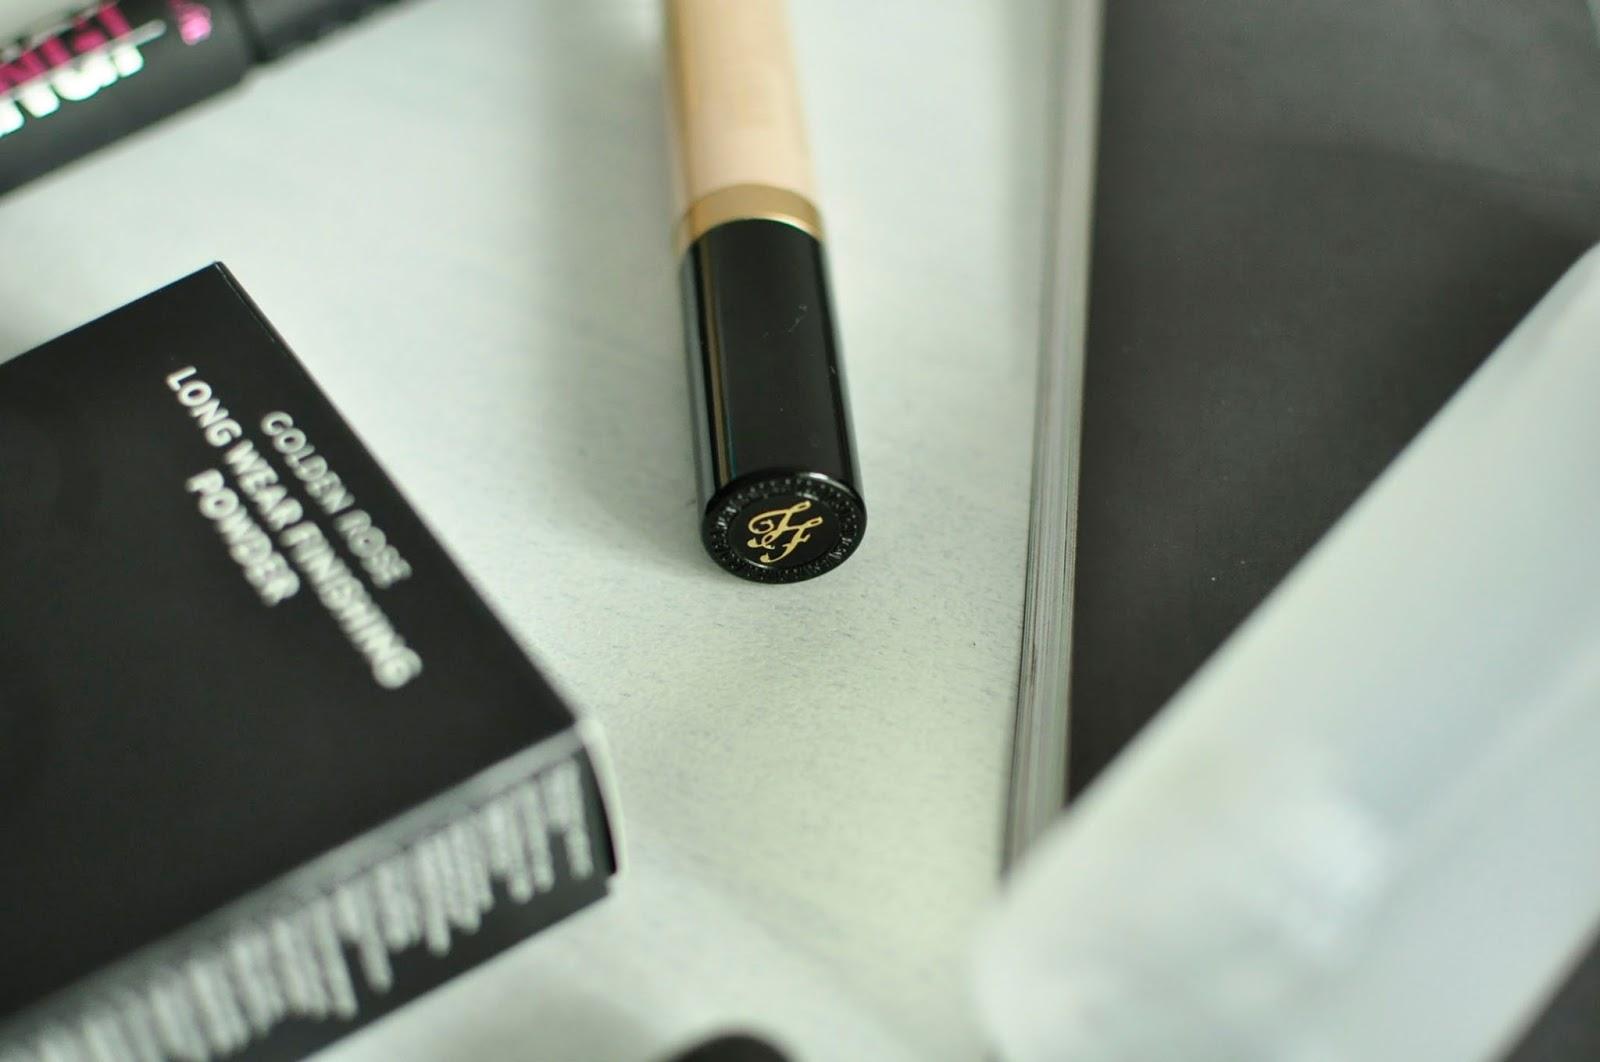 Co nowego u Chmielovej, czyli nowości kosmetyczne | MAC  Golden Rose  Too Faced  Benefit  Blend it!  Wibo